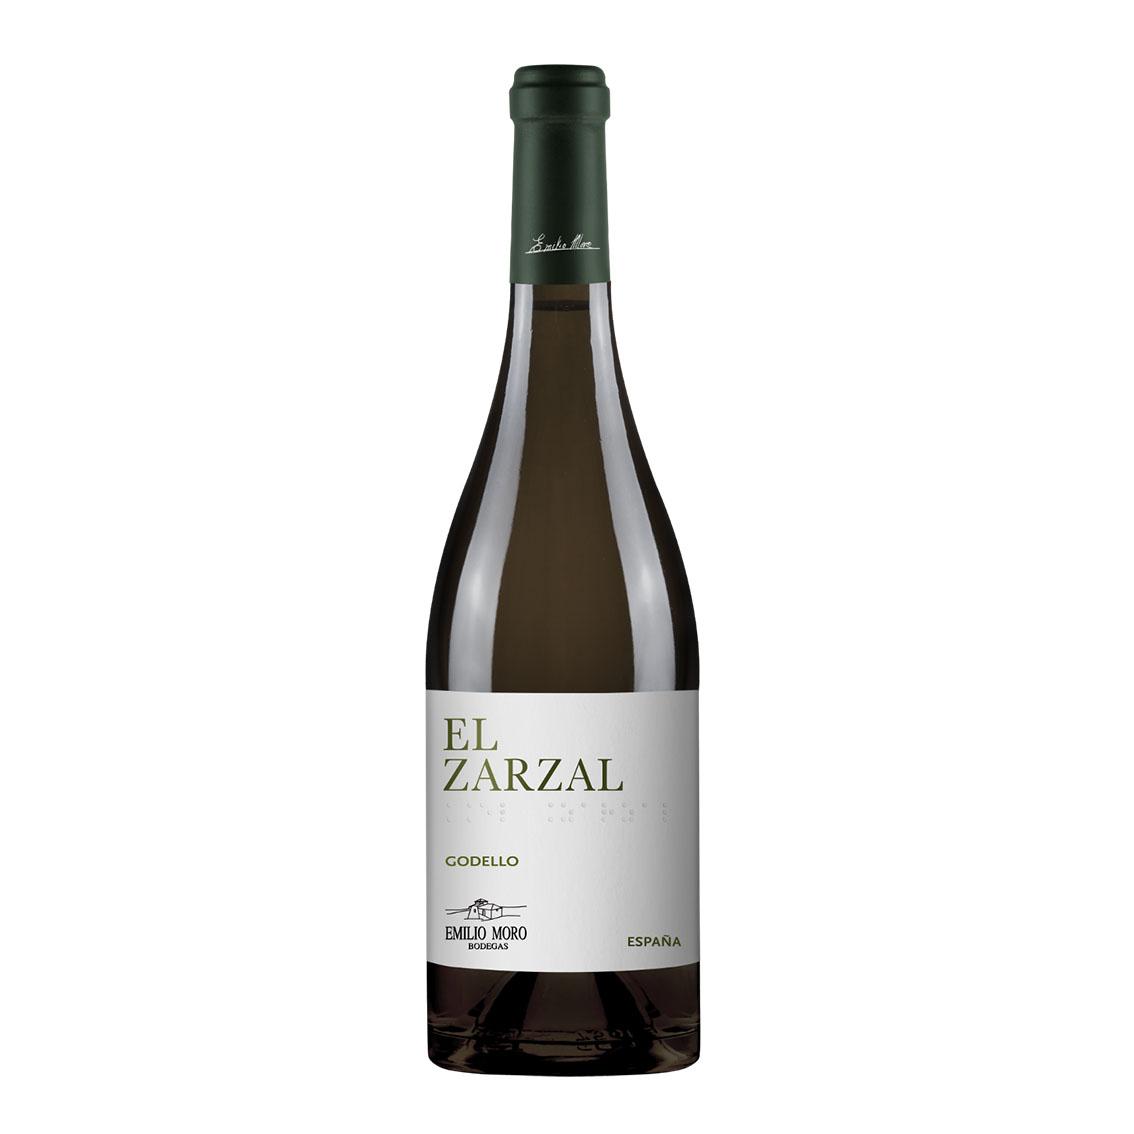 vino-EL Zarzal 2018-emilio moro